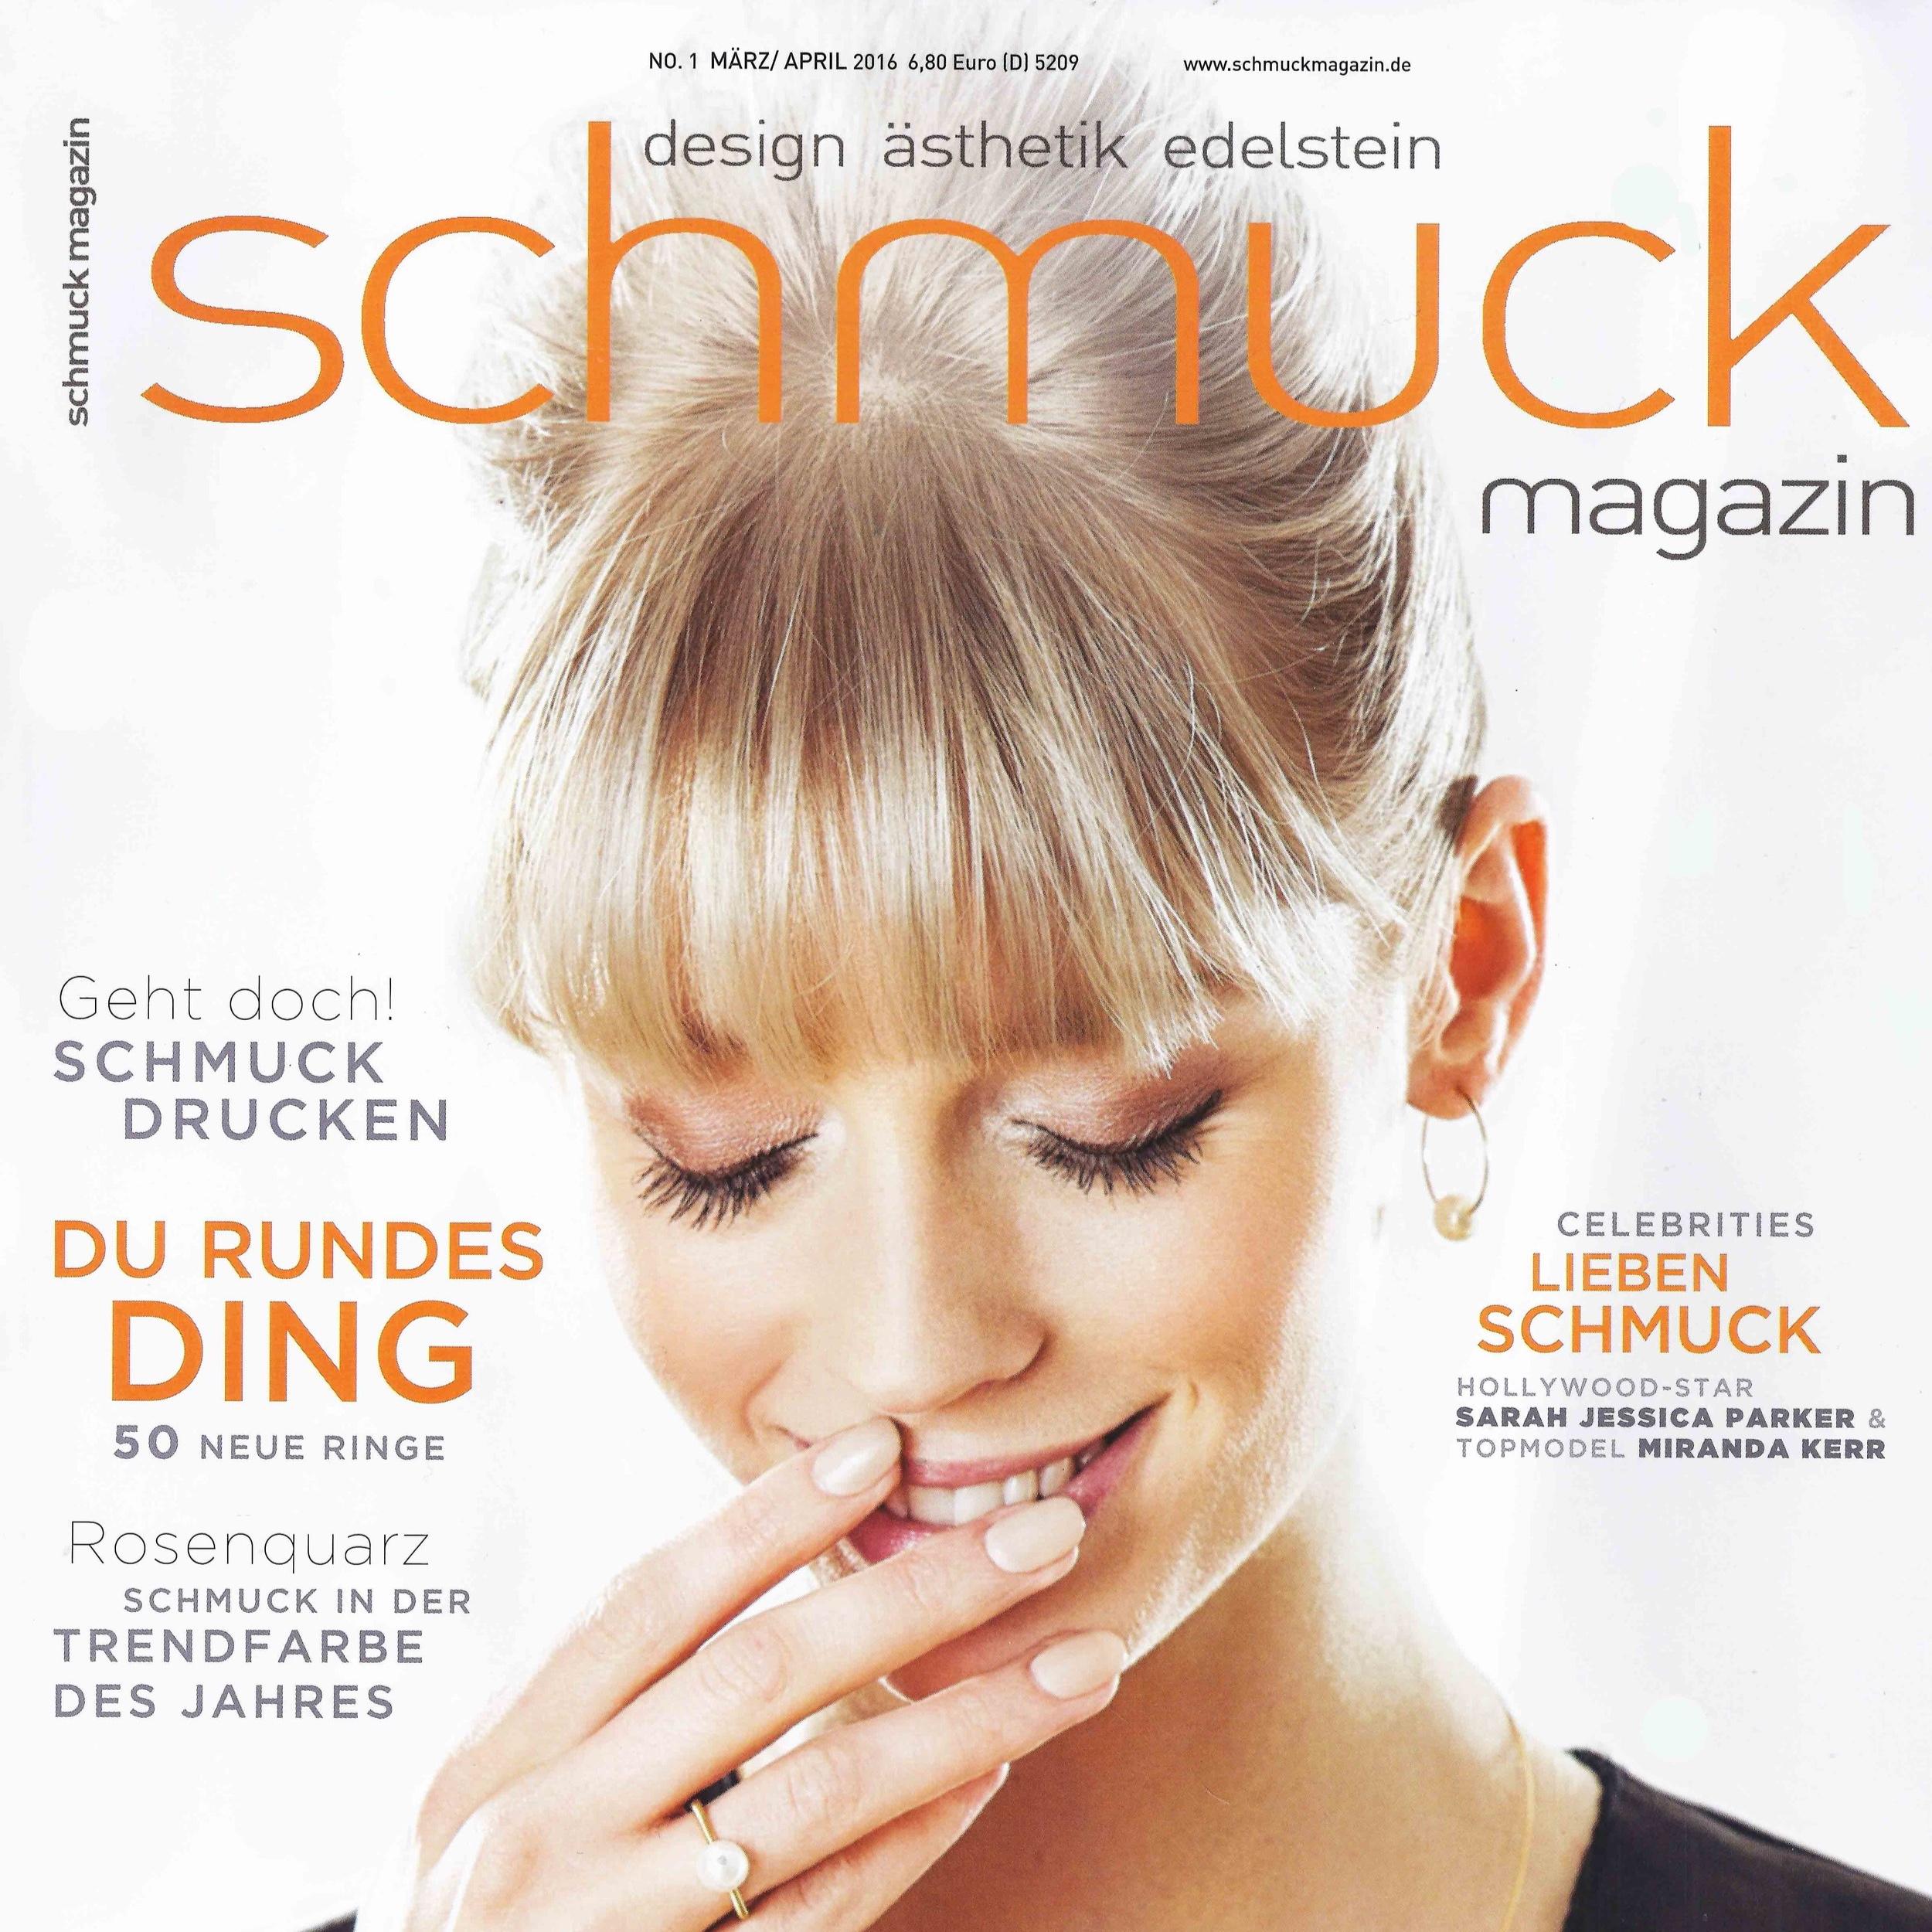 Schmuck March 2016